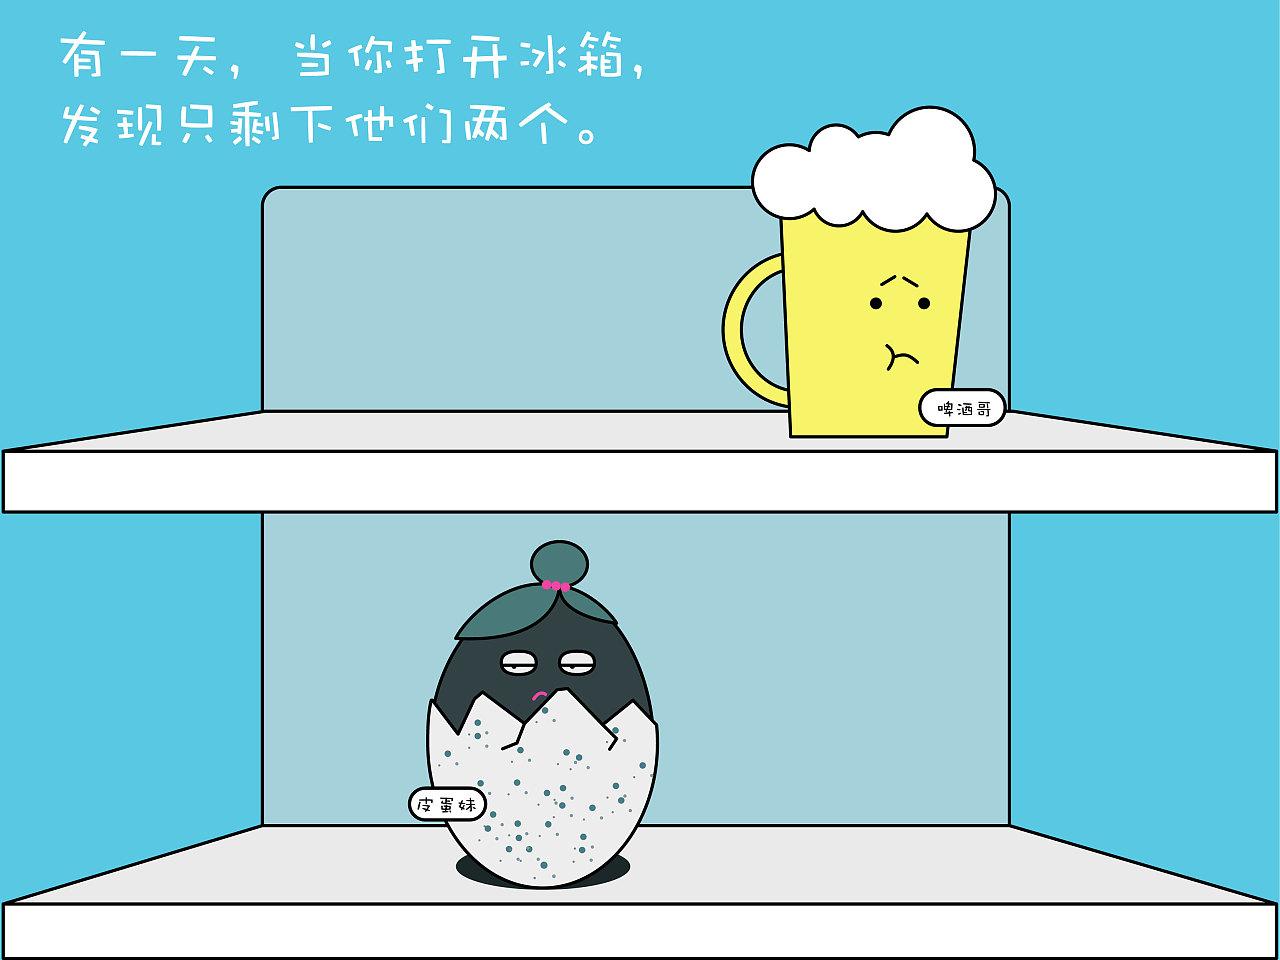 啤酒哥和皮蛋妹的故事